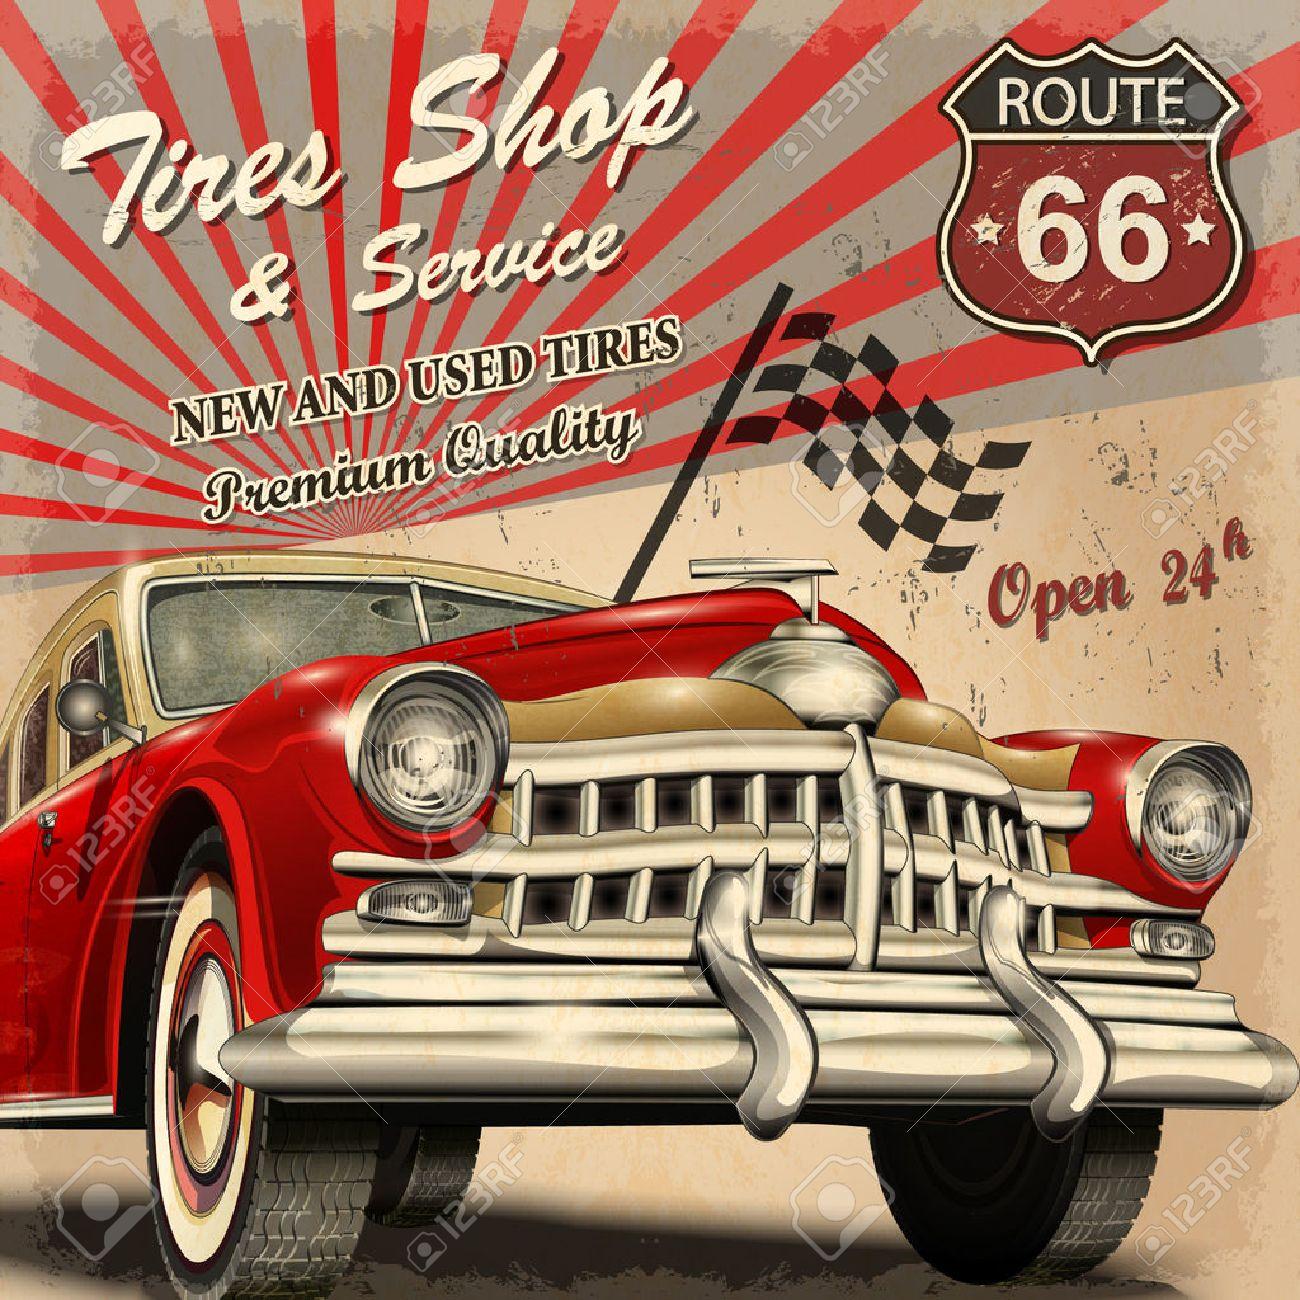 Tire service retro poster. - 54500645